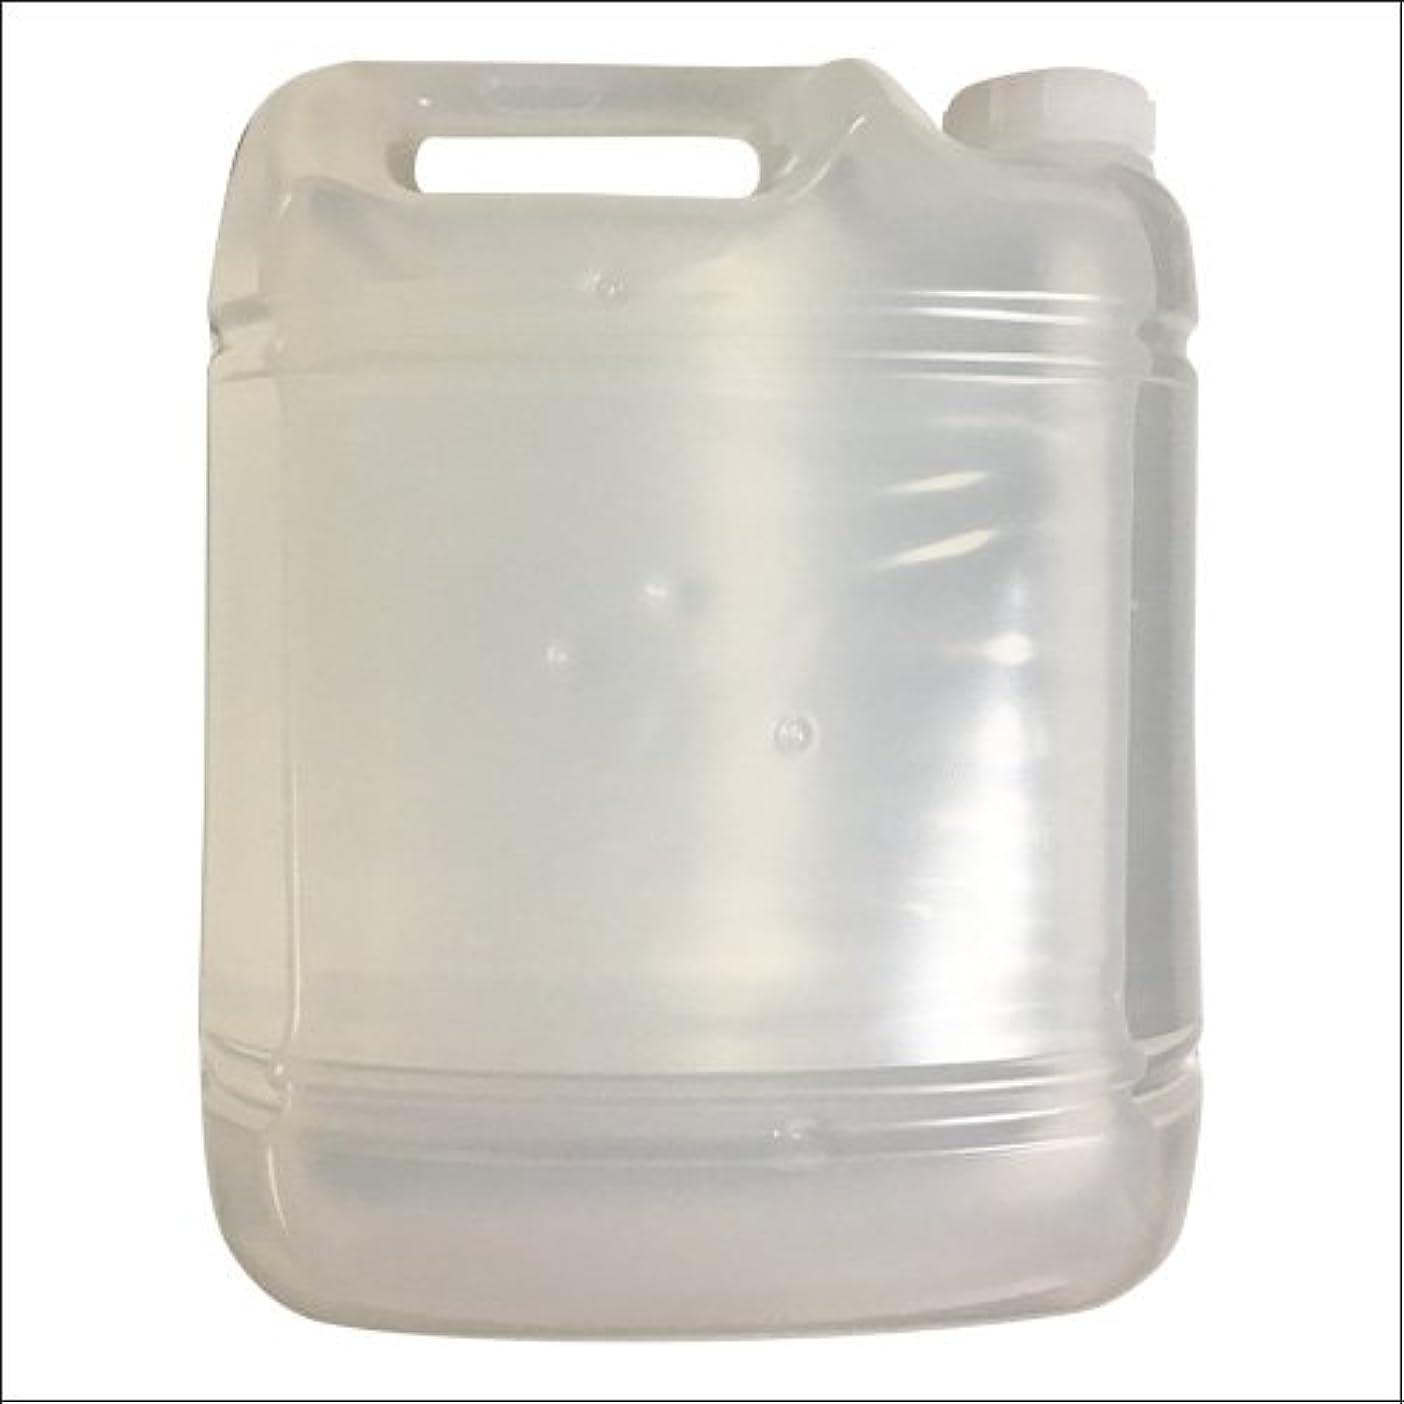 縁大タイムリーな無添加ベビーオイル(無香料)業務用サイズマッサージオイル 5L